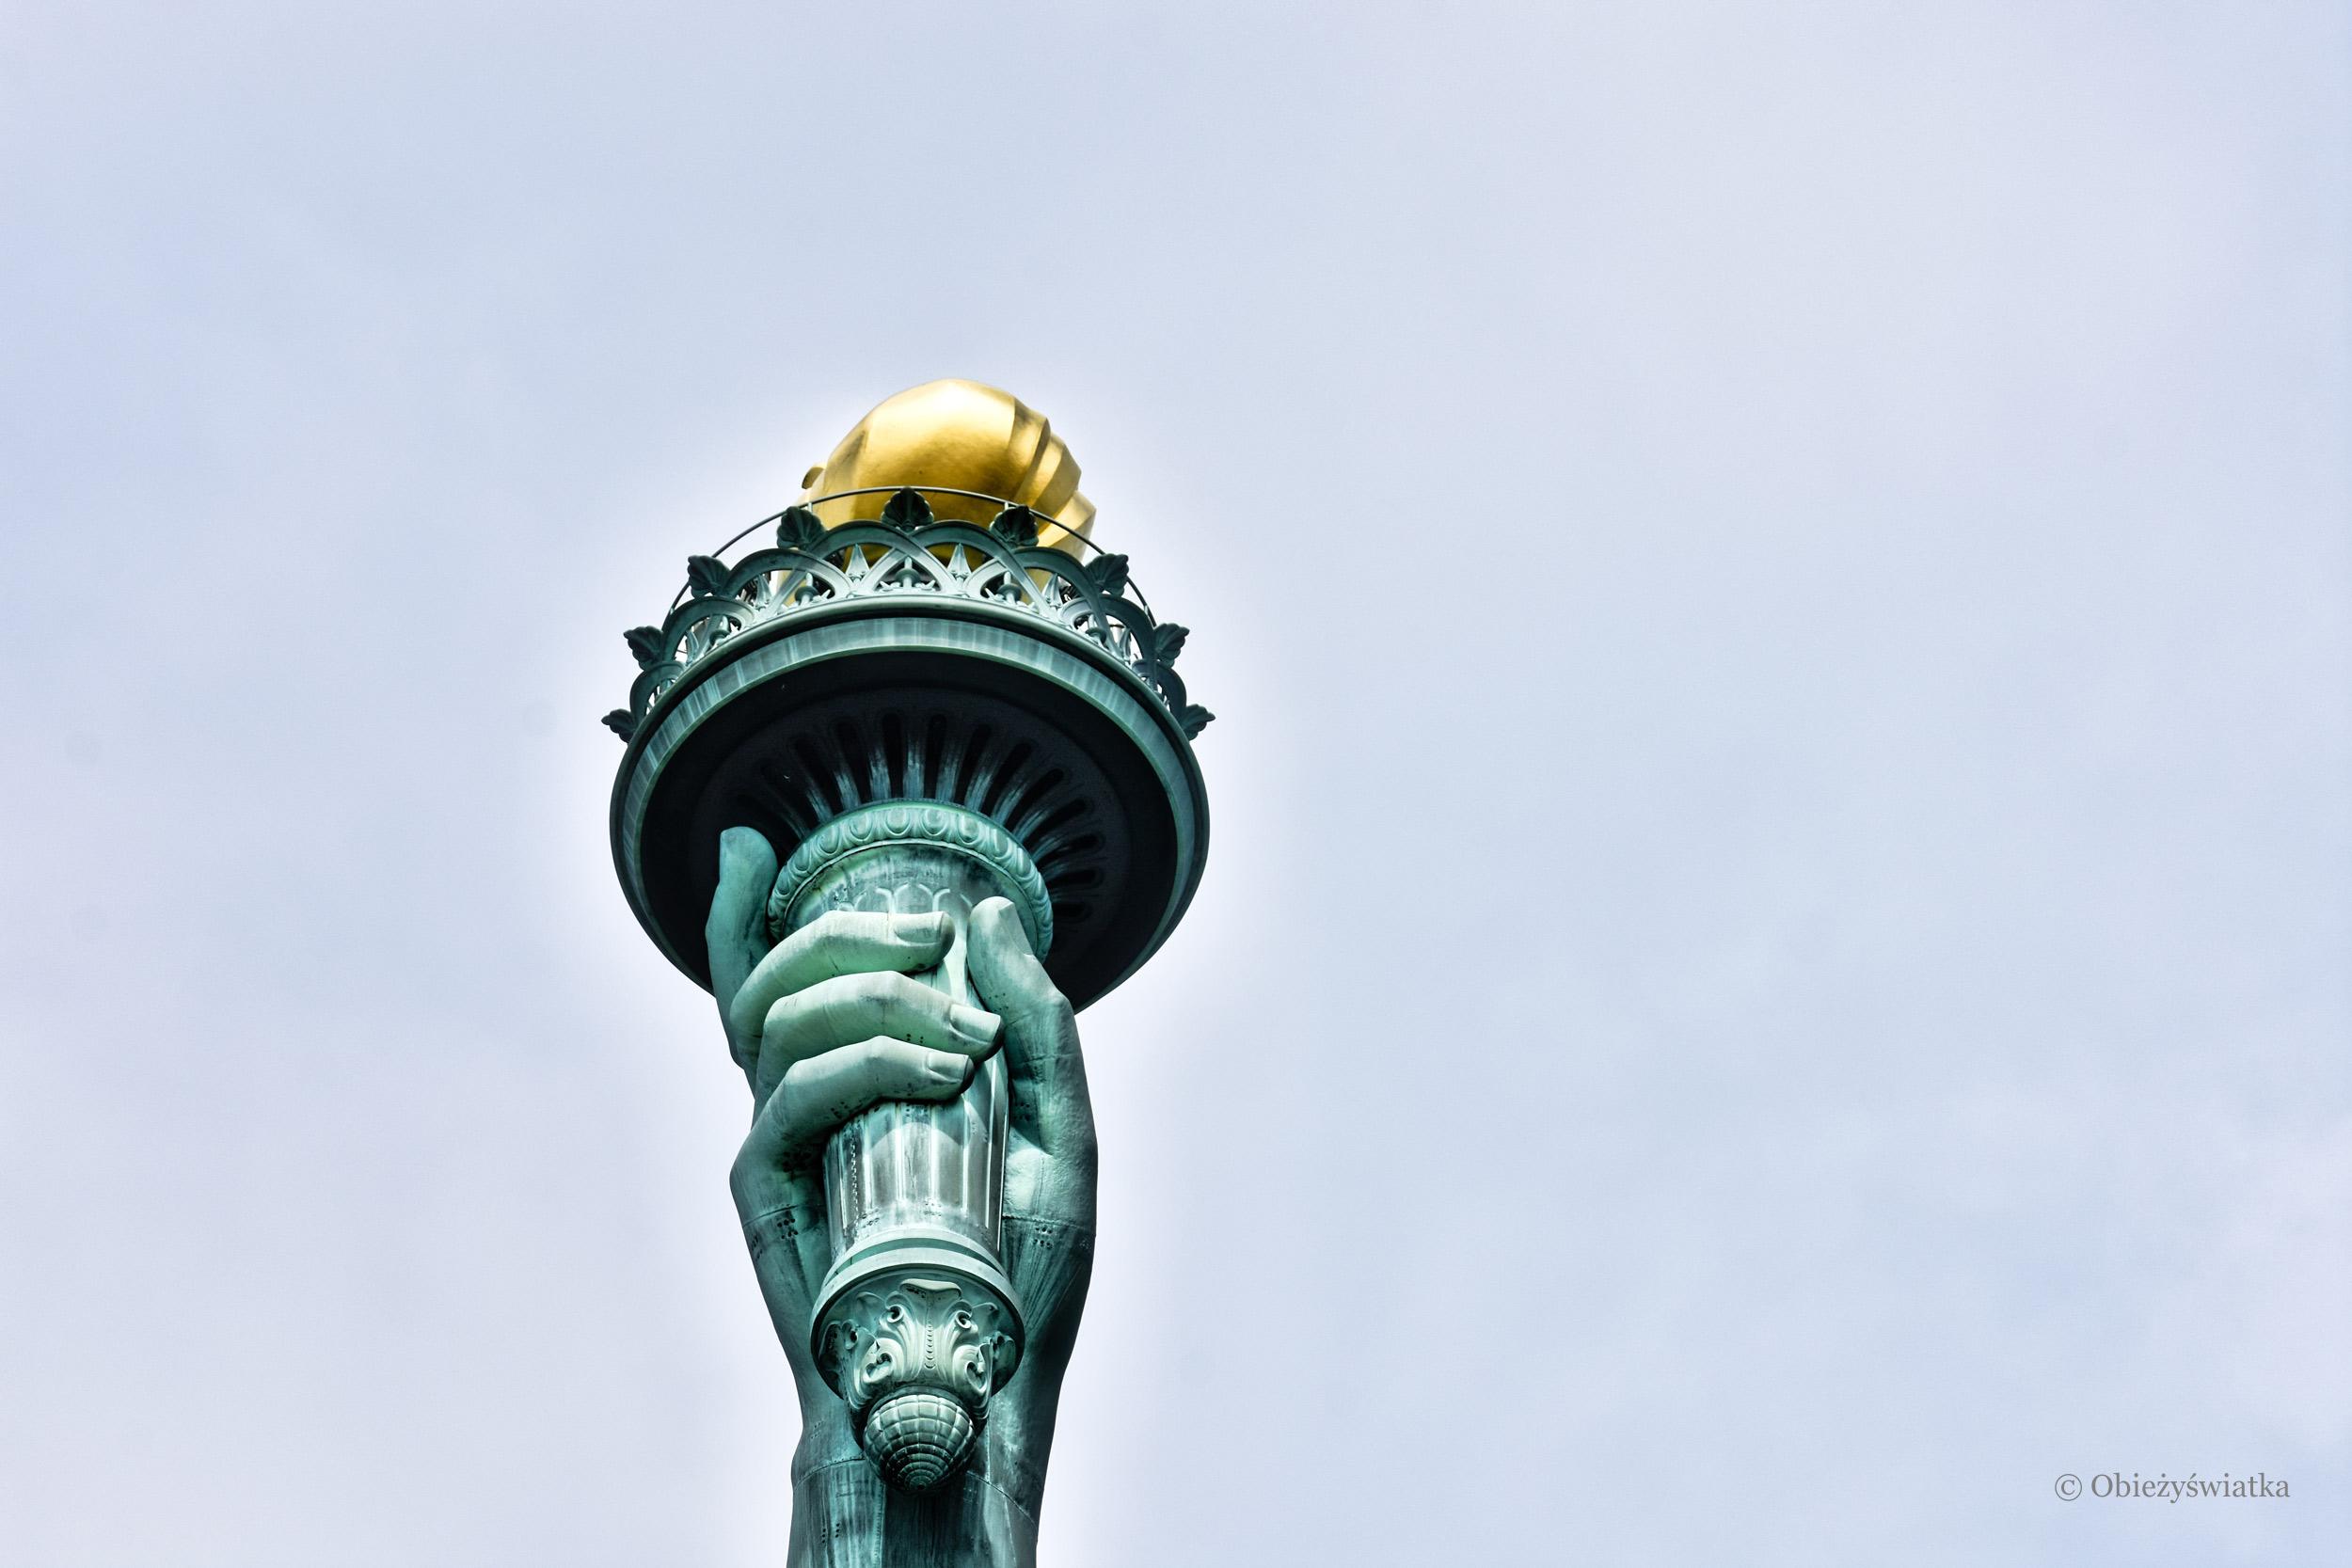 Pochodnia trzymana przez Wolność - Statue of Liberty